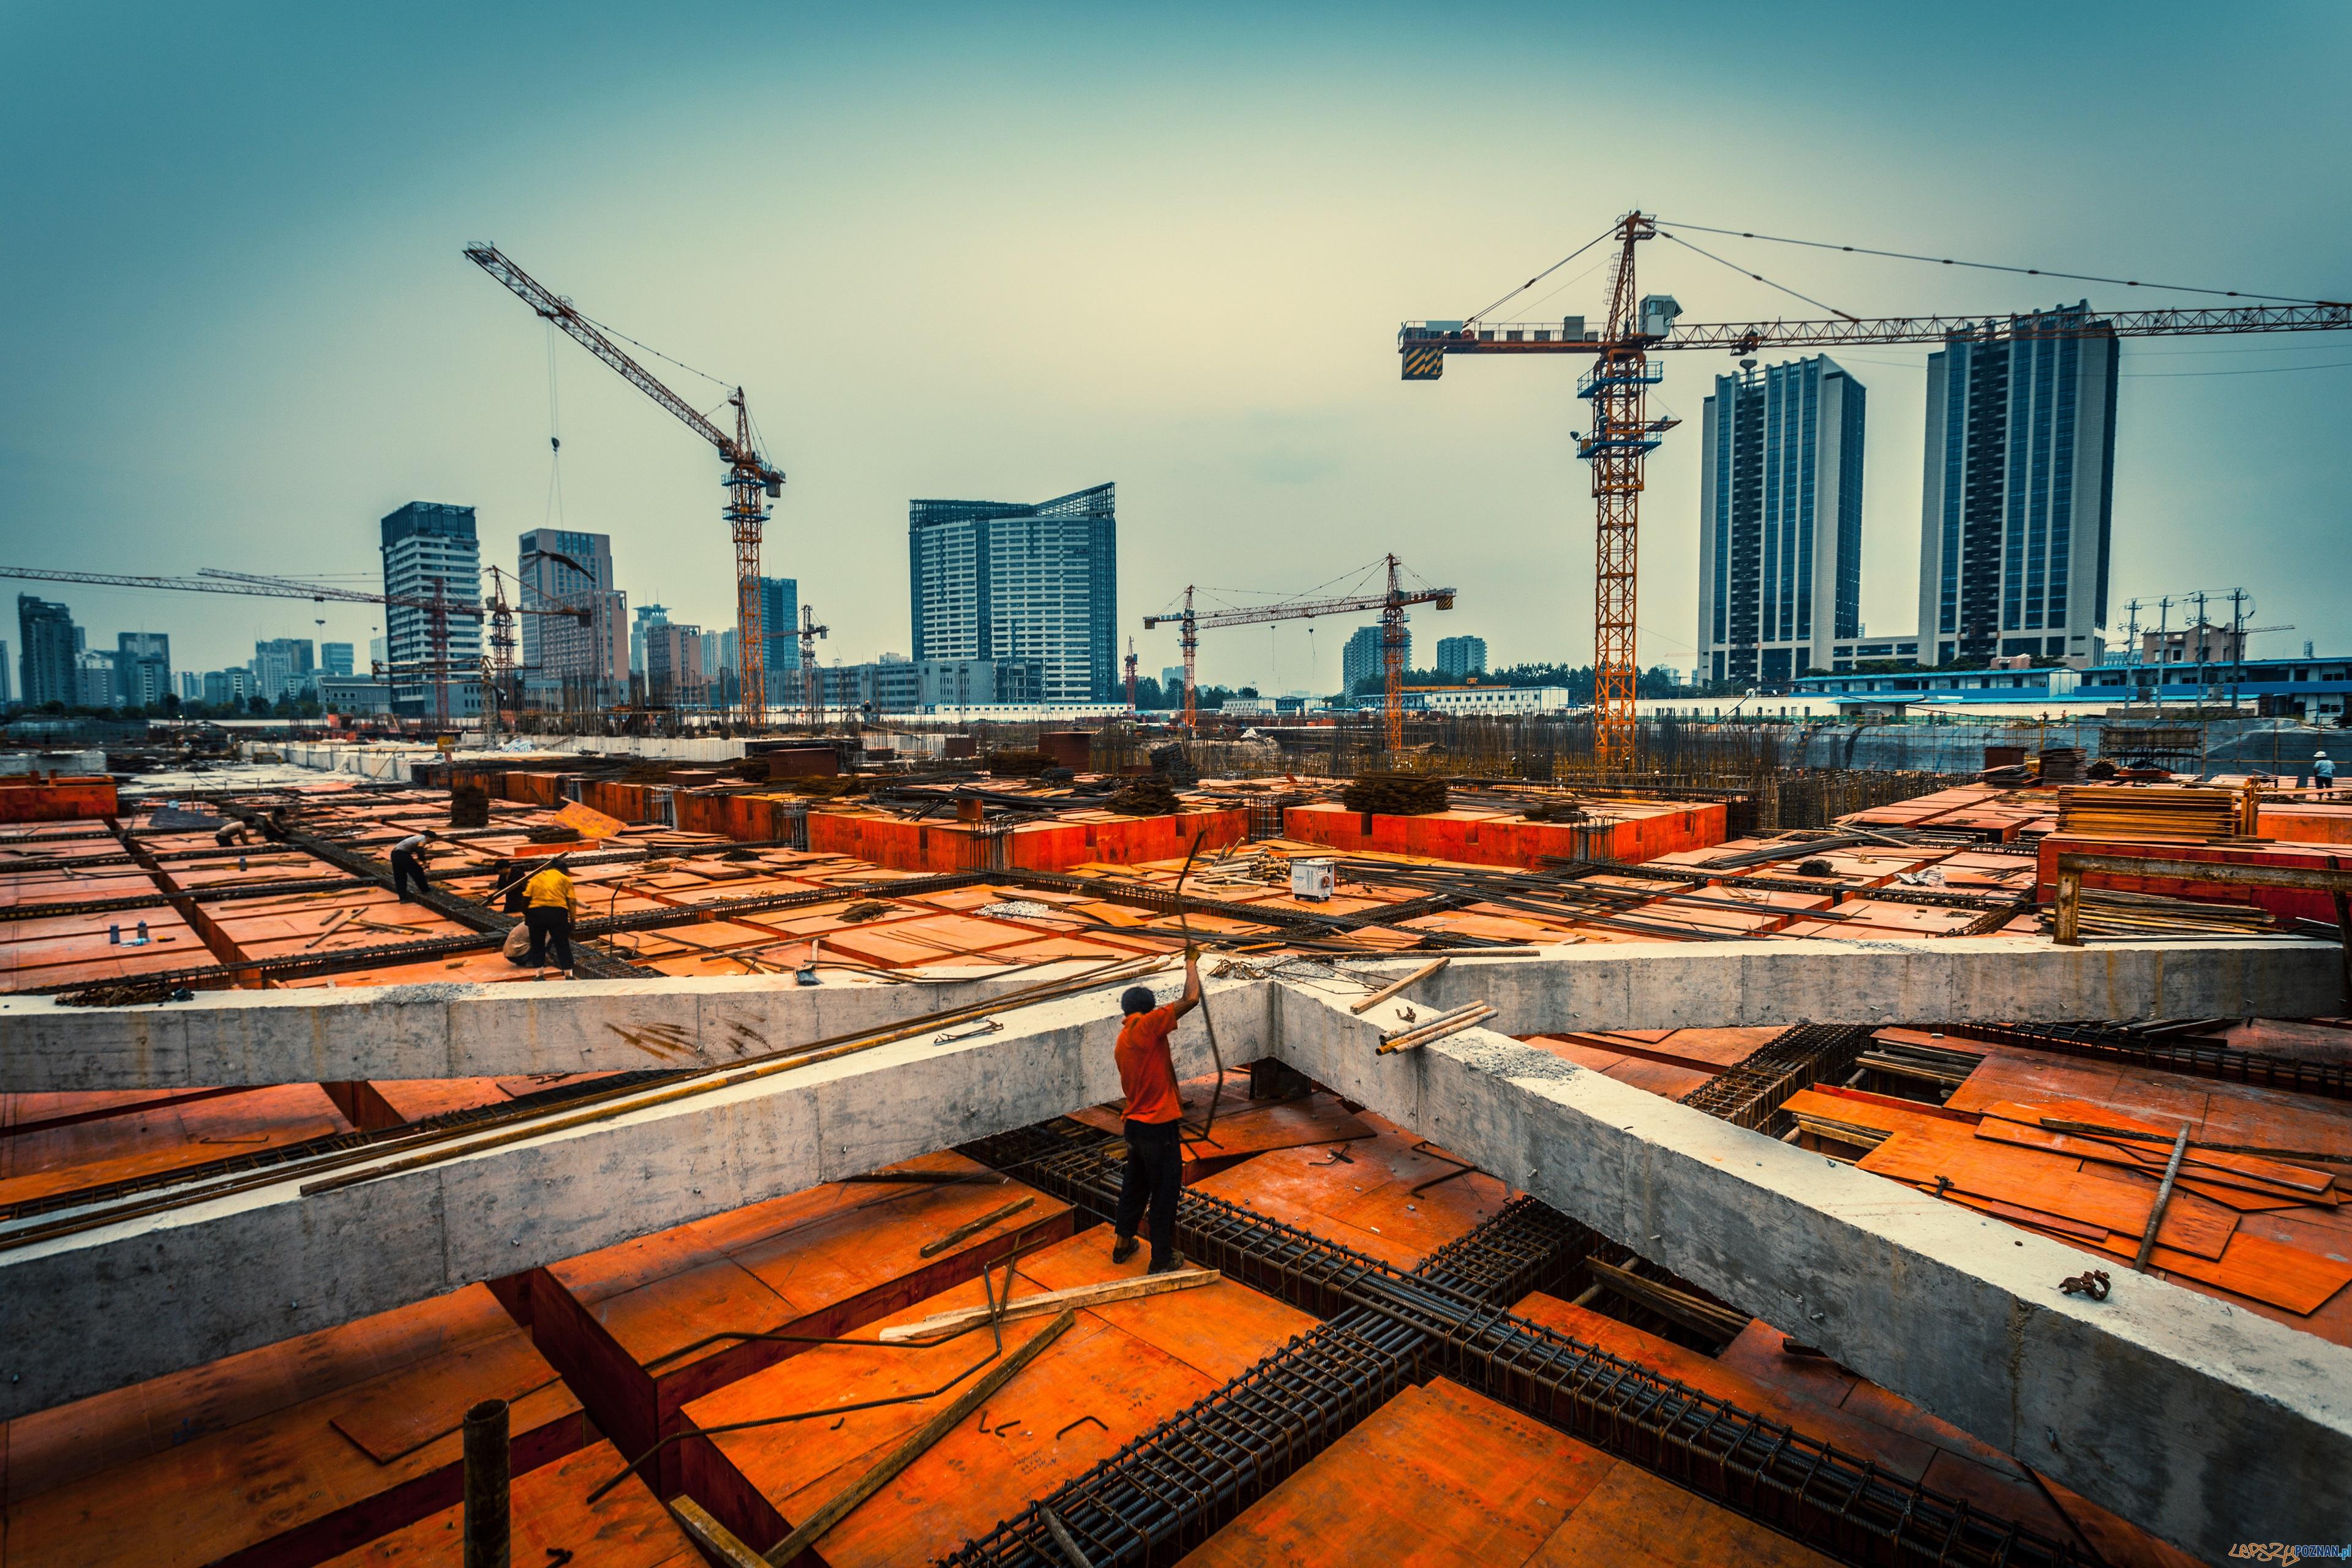 Sytuacja na rynku budowlanym  Foto: Zhu Difeng